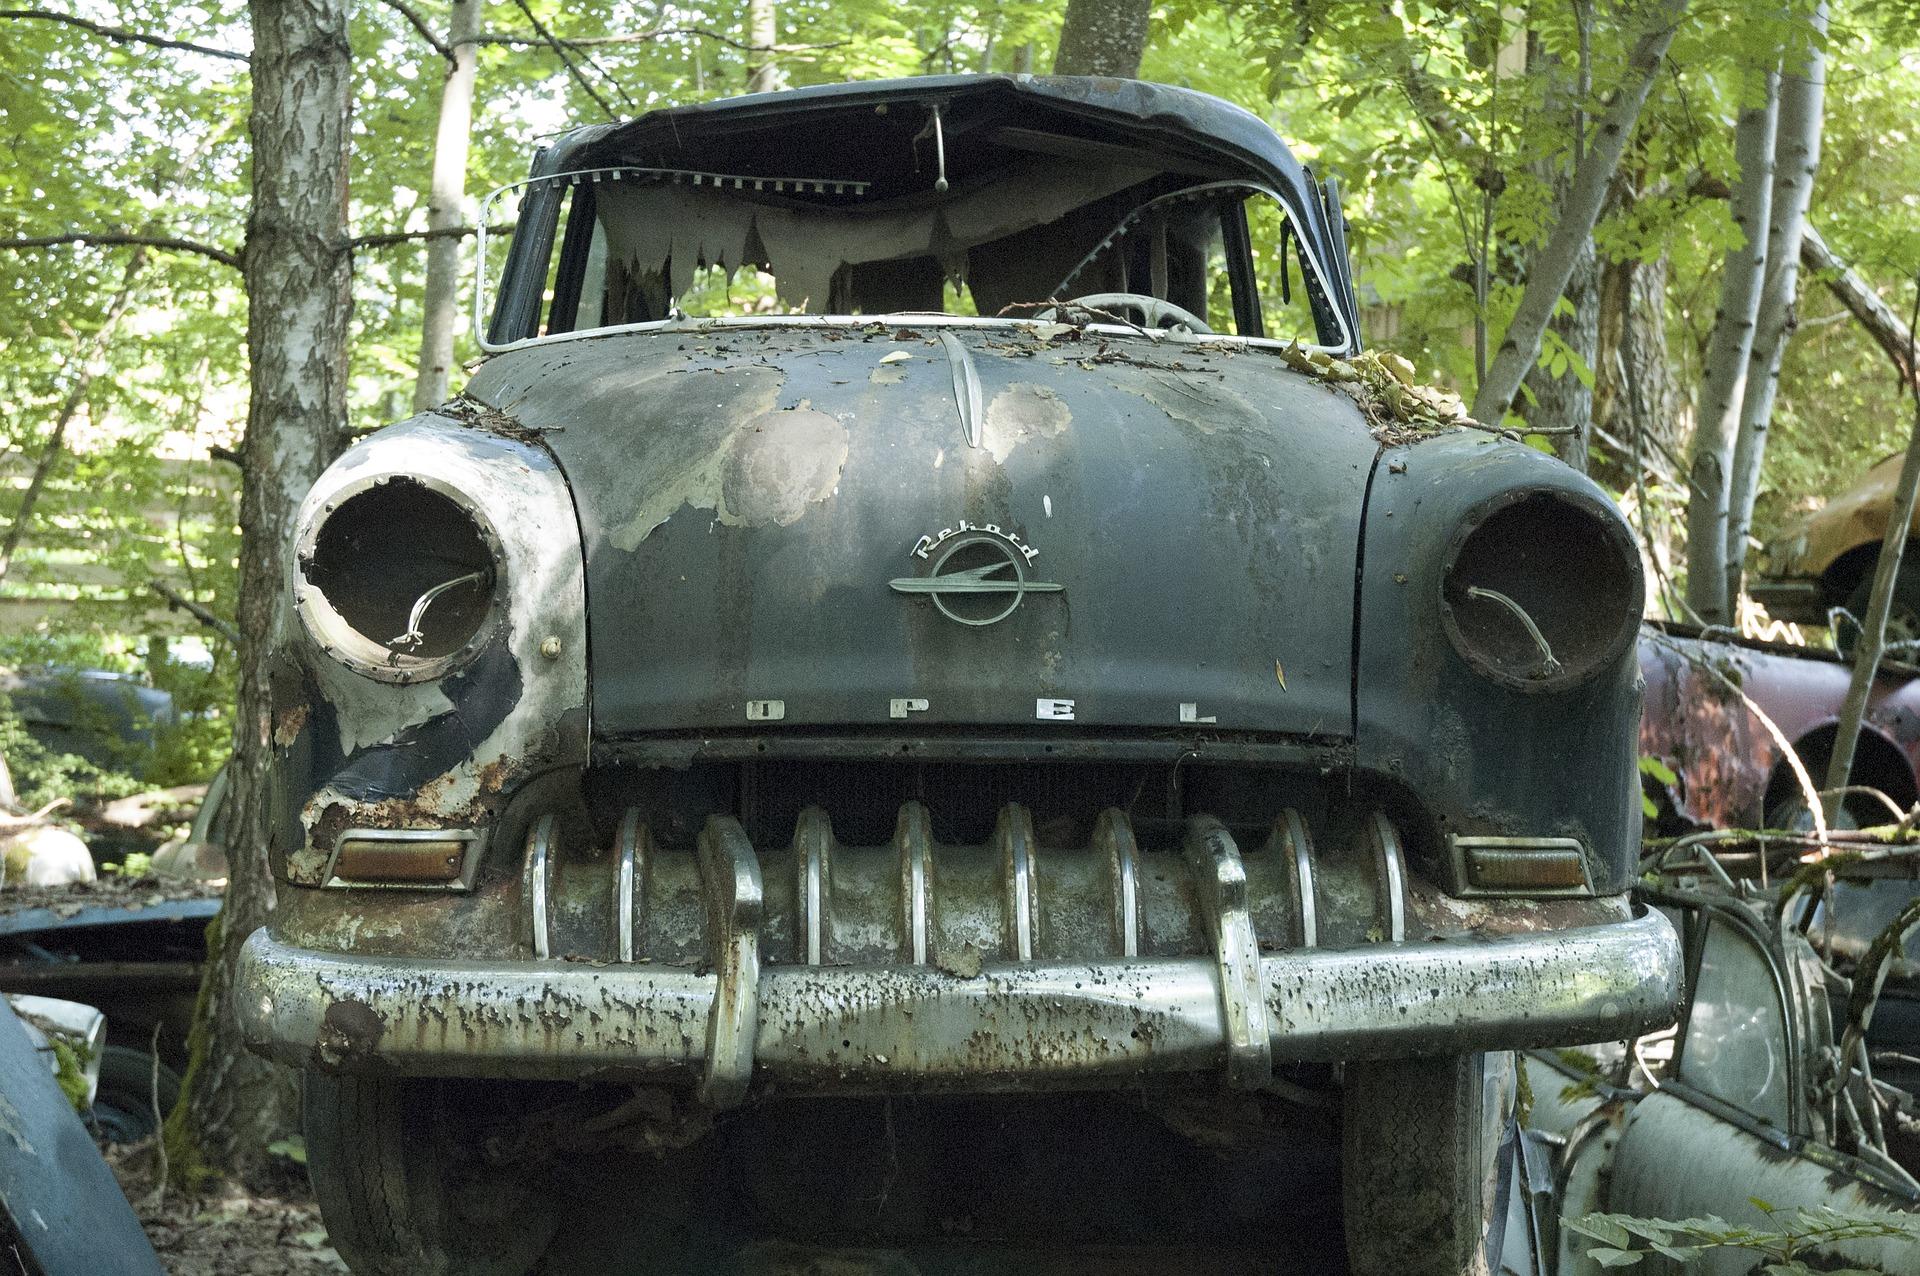 Car Scrapyard near Peabody MA